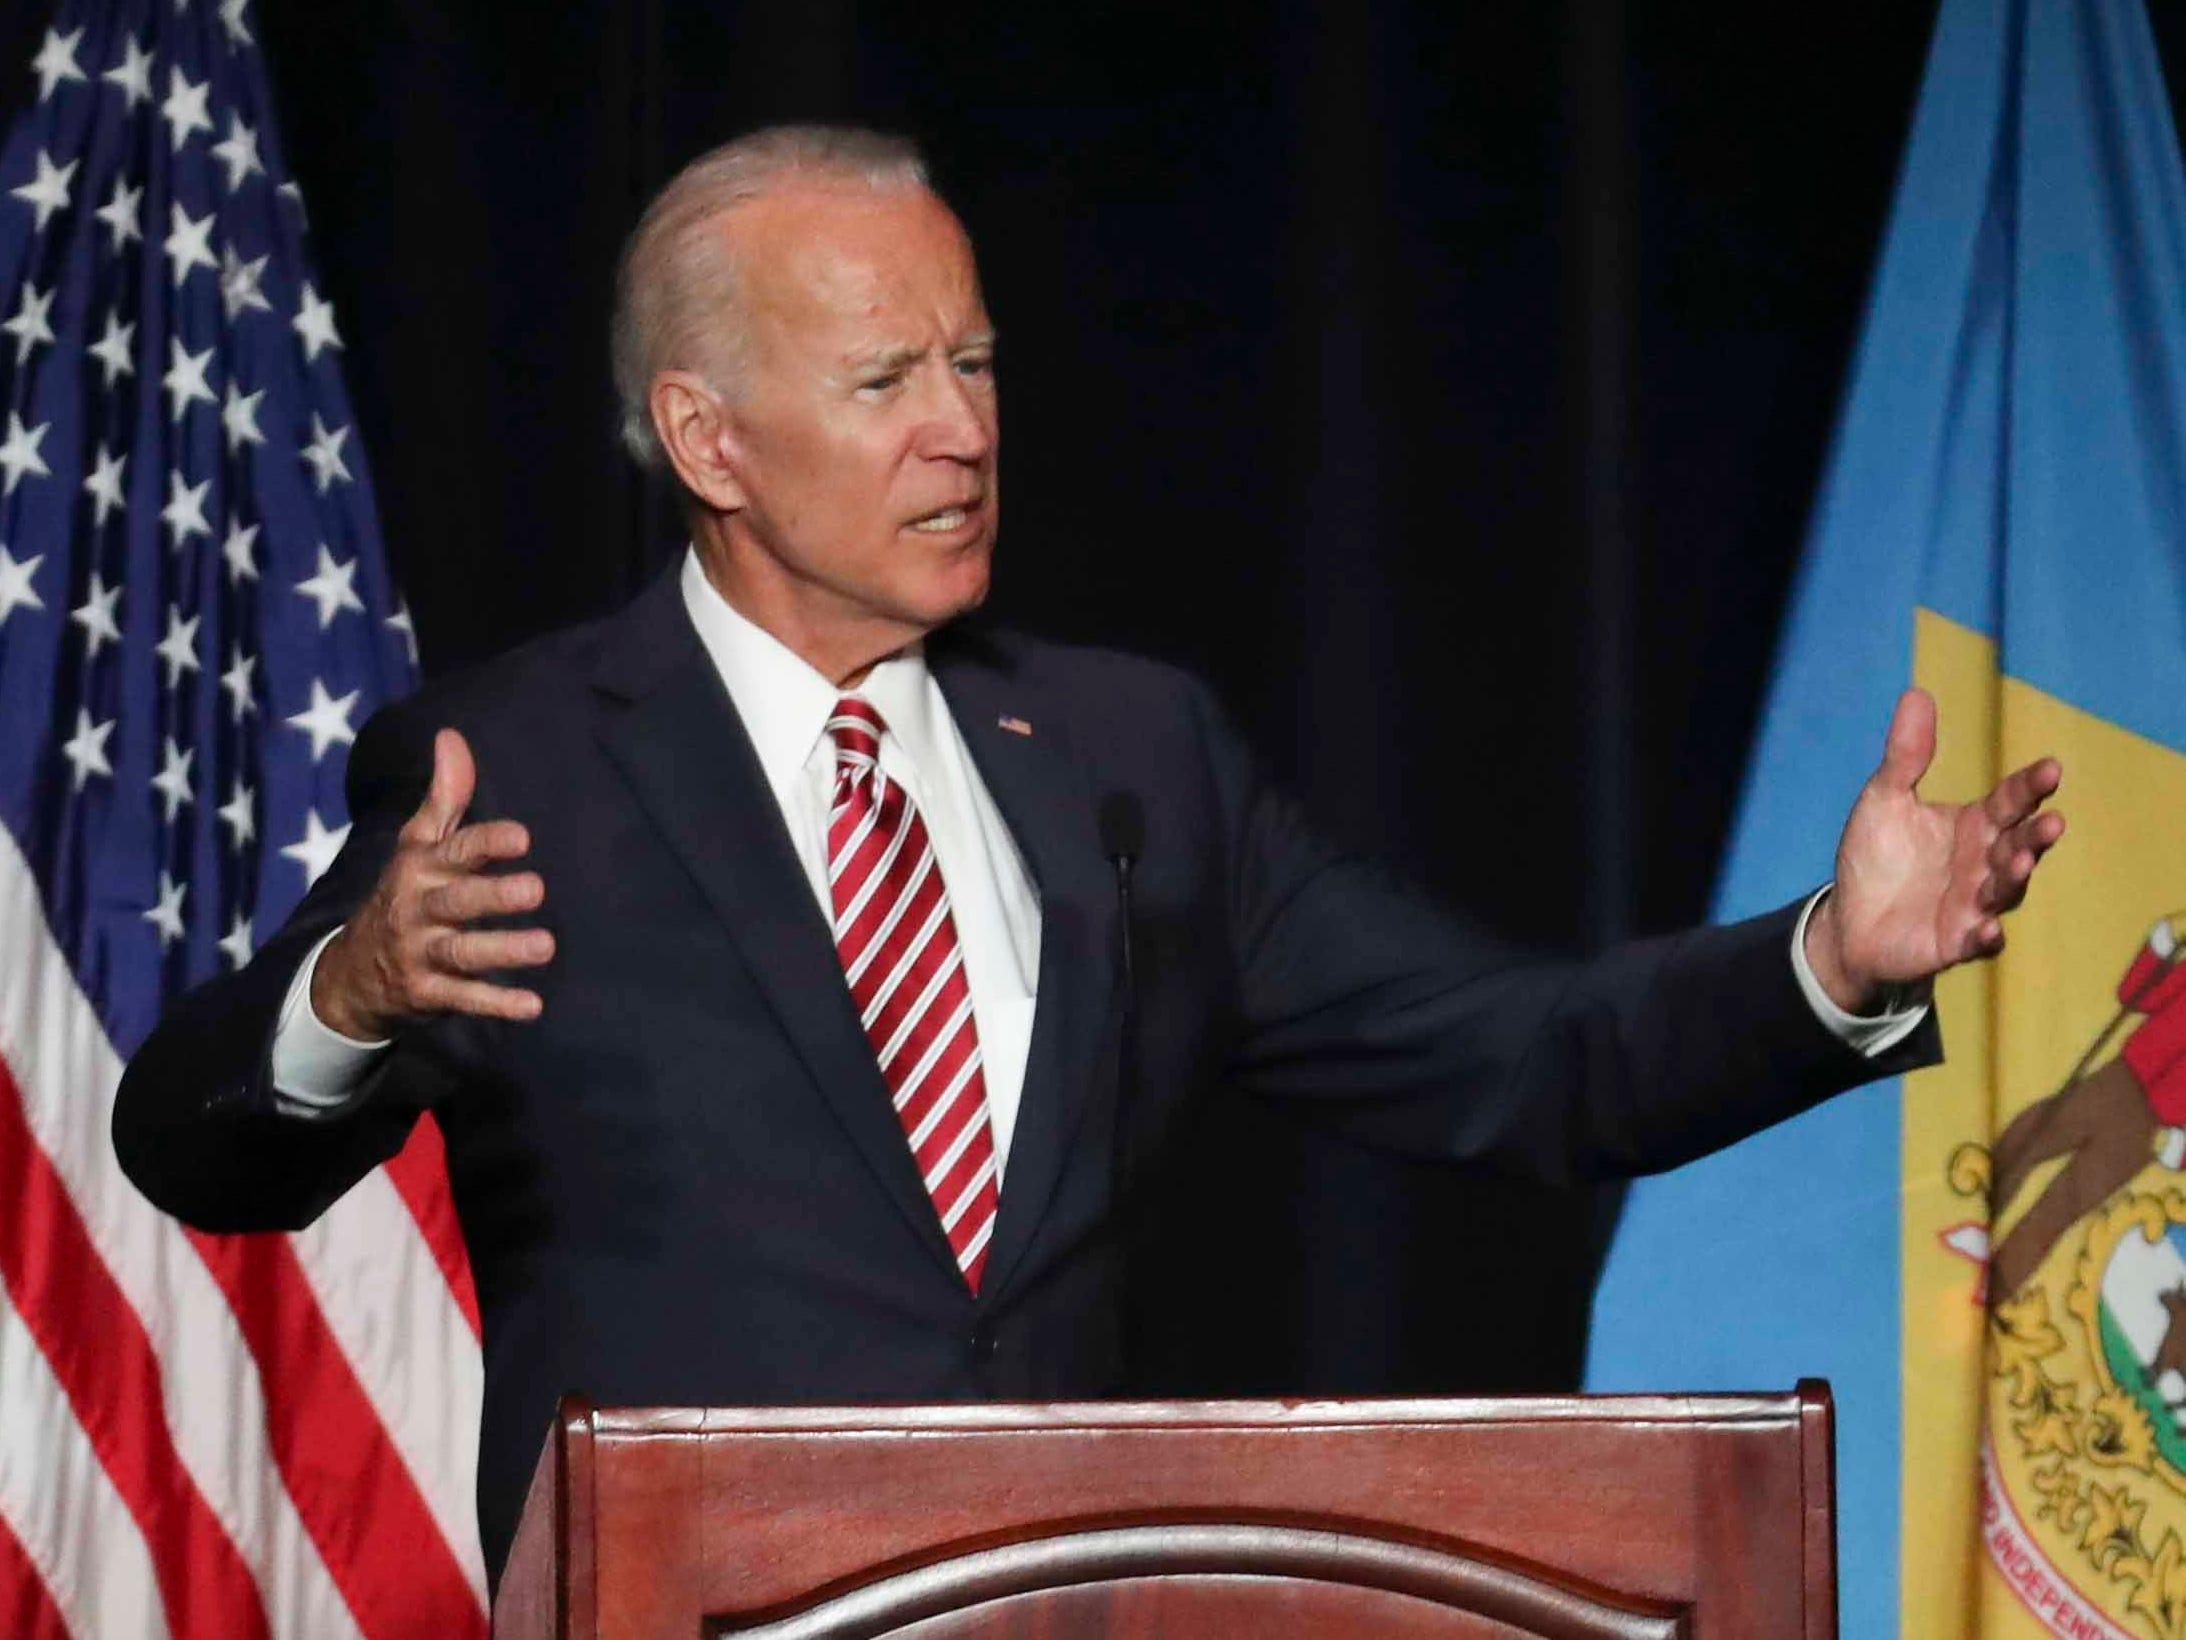 Trump targets Biden after verbal slip about 2020 presidential bid